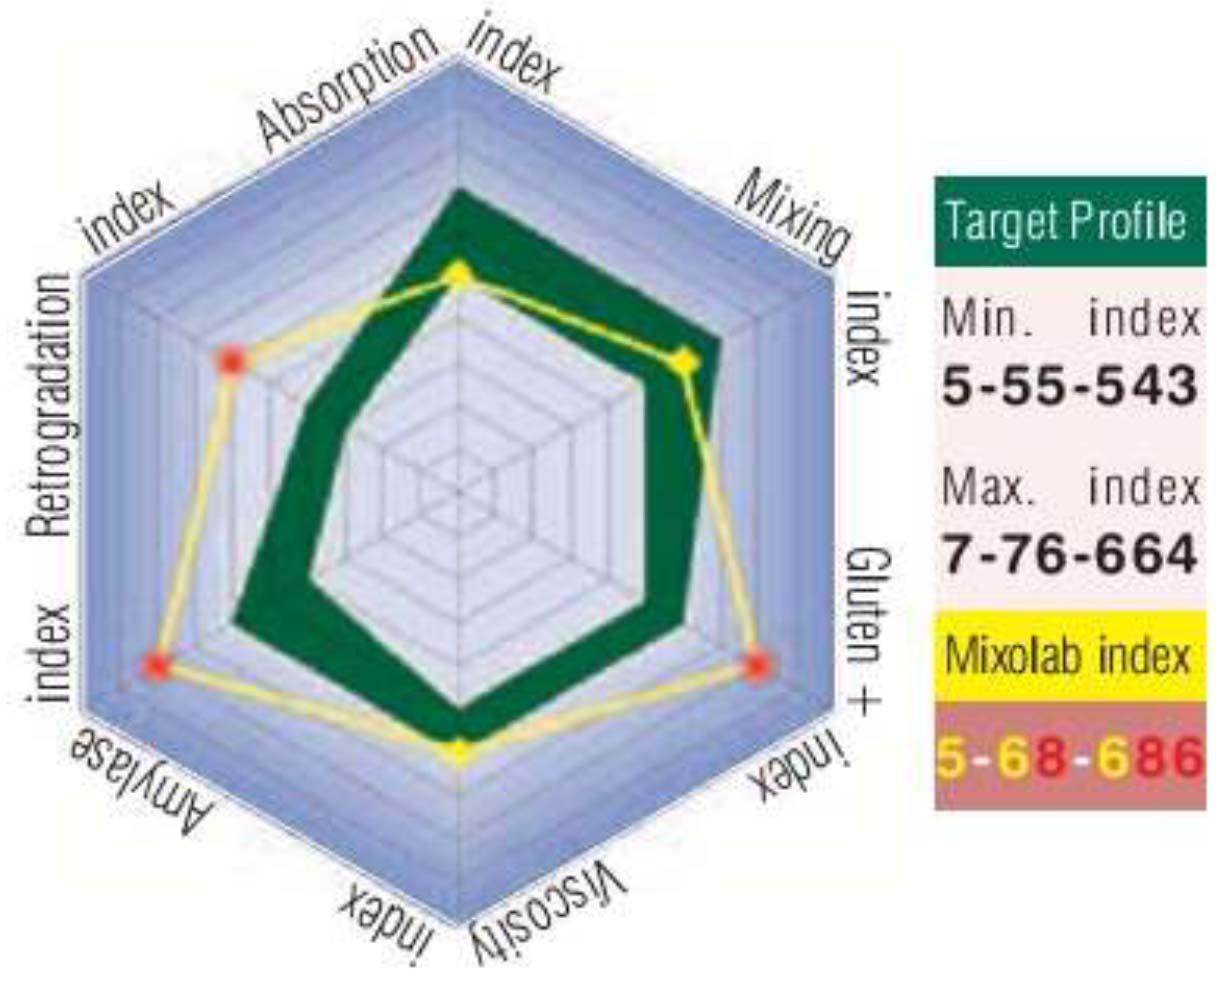 Phần mềm Mixolab Profiler của máy phân tích chất lượng bột và Protein